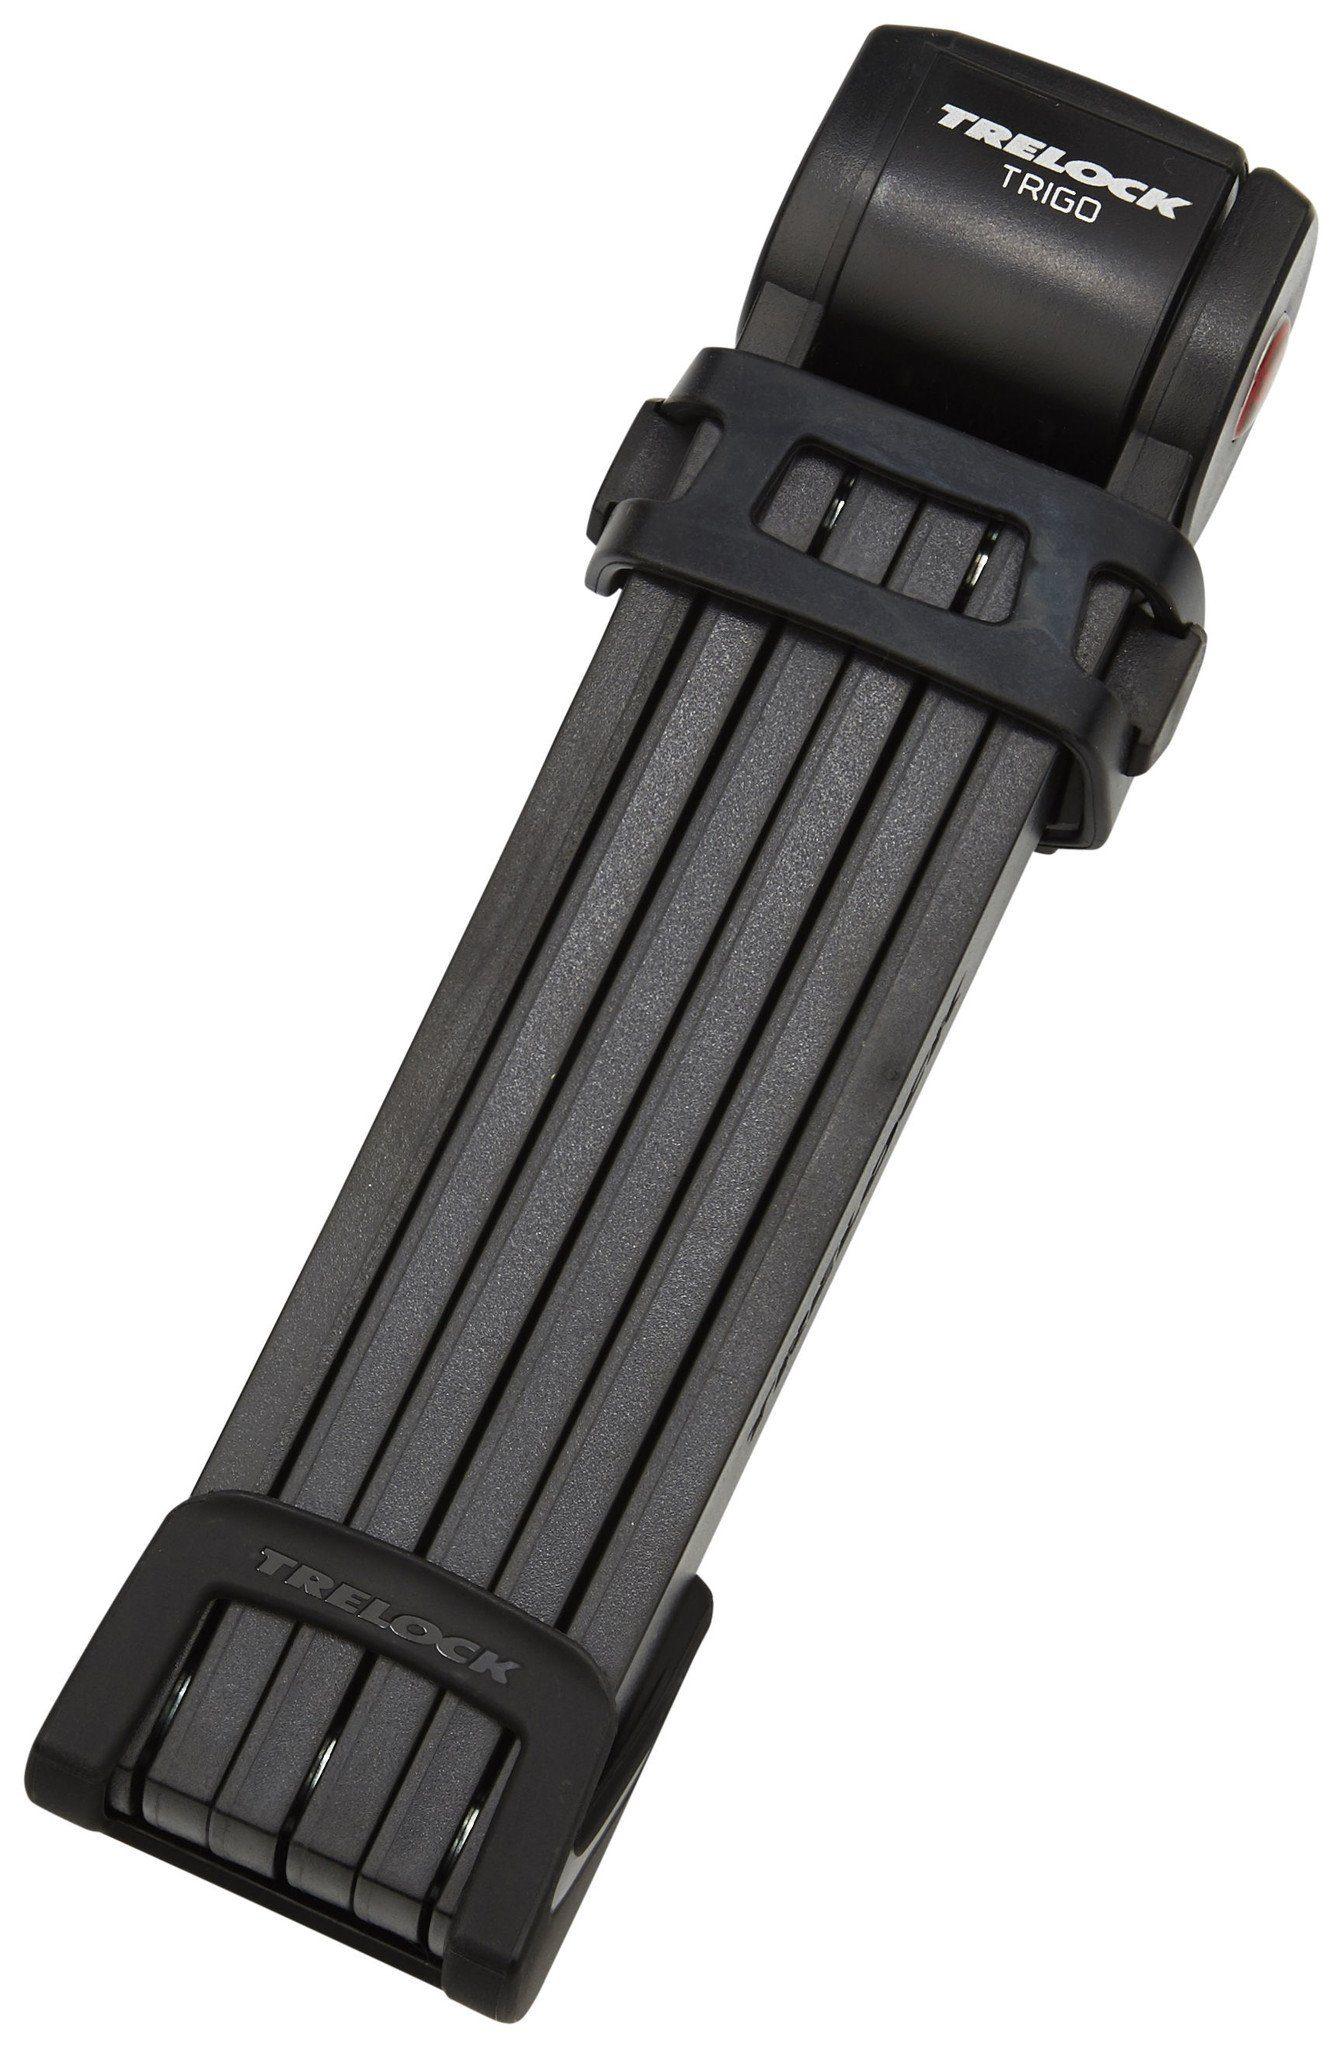 Trelock Faltschloss »FS 300 TRIGO L Faltschloss 100 cm«